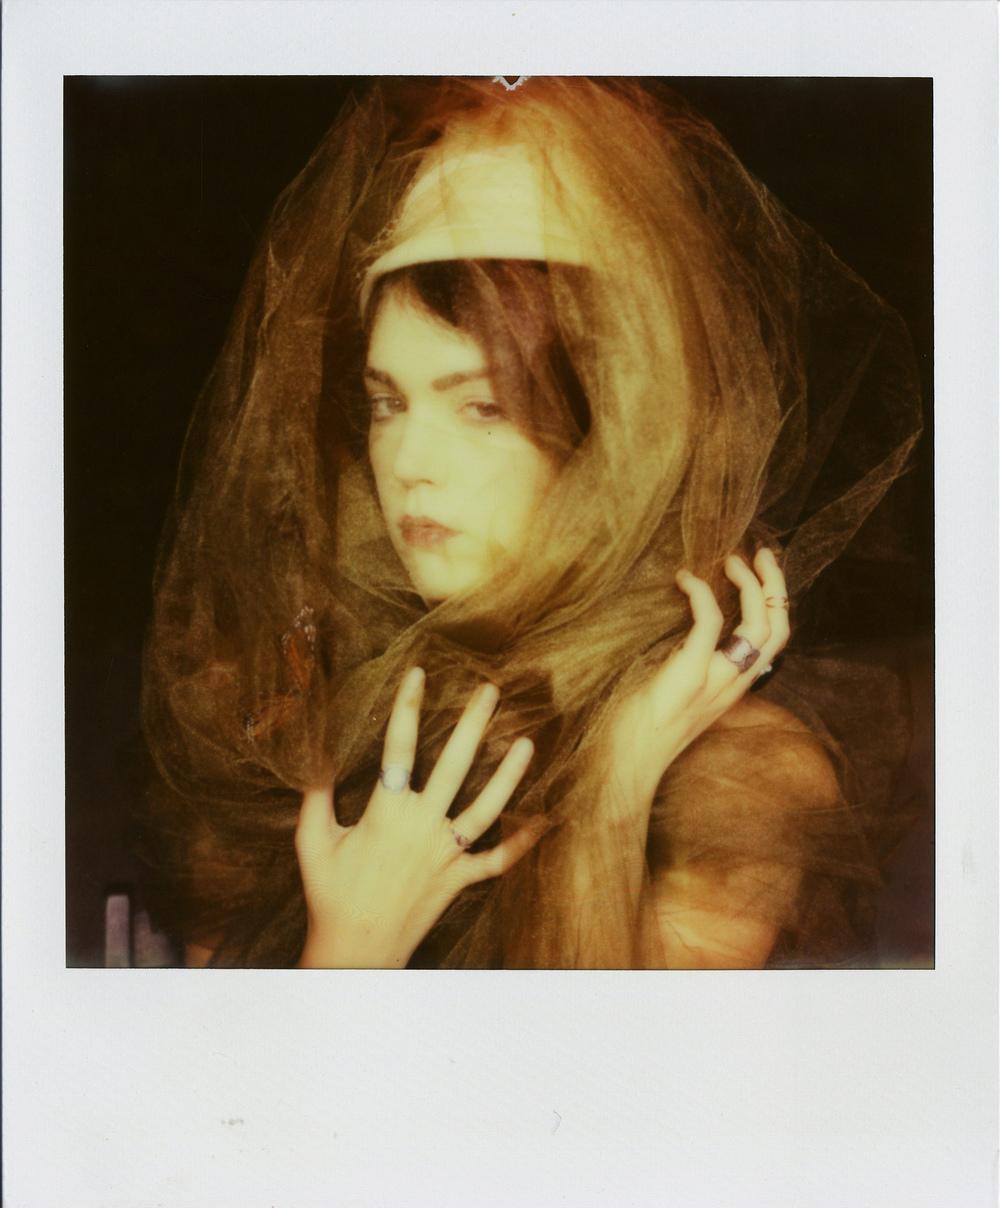 model: Kara Dixon